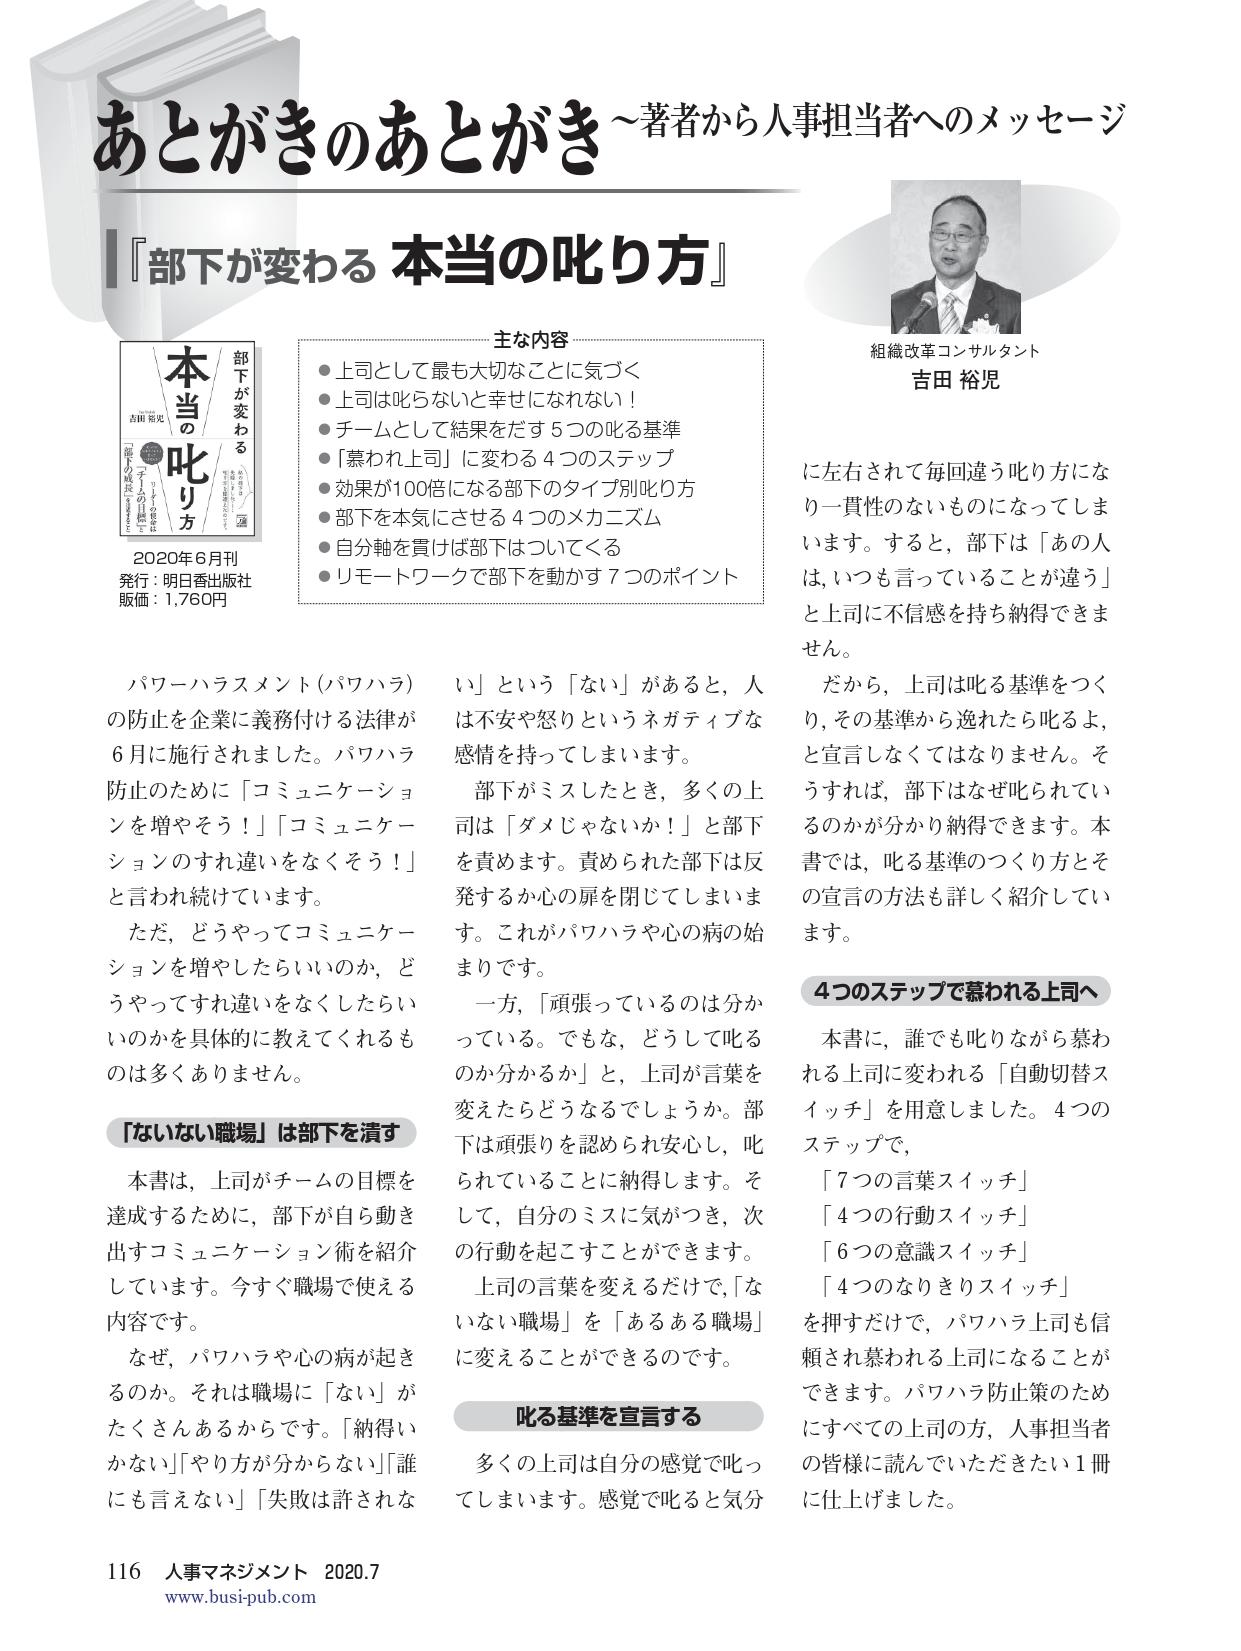 月刊人事マネジメント掲載